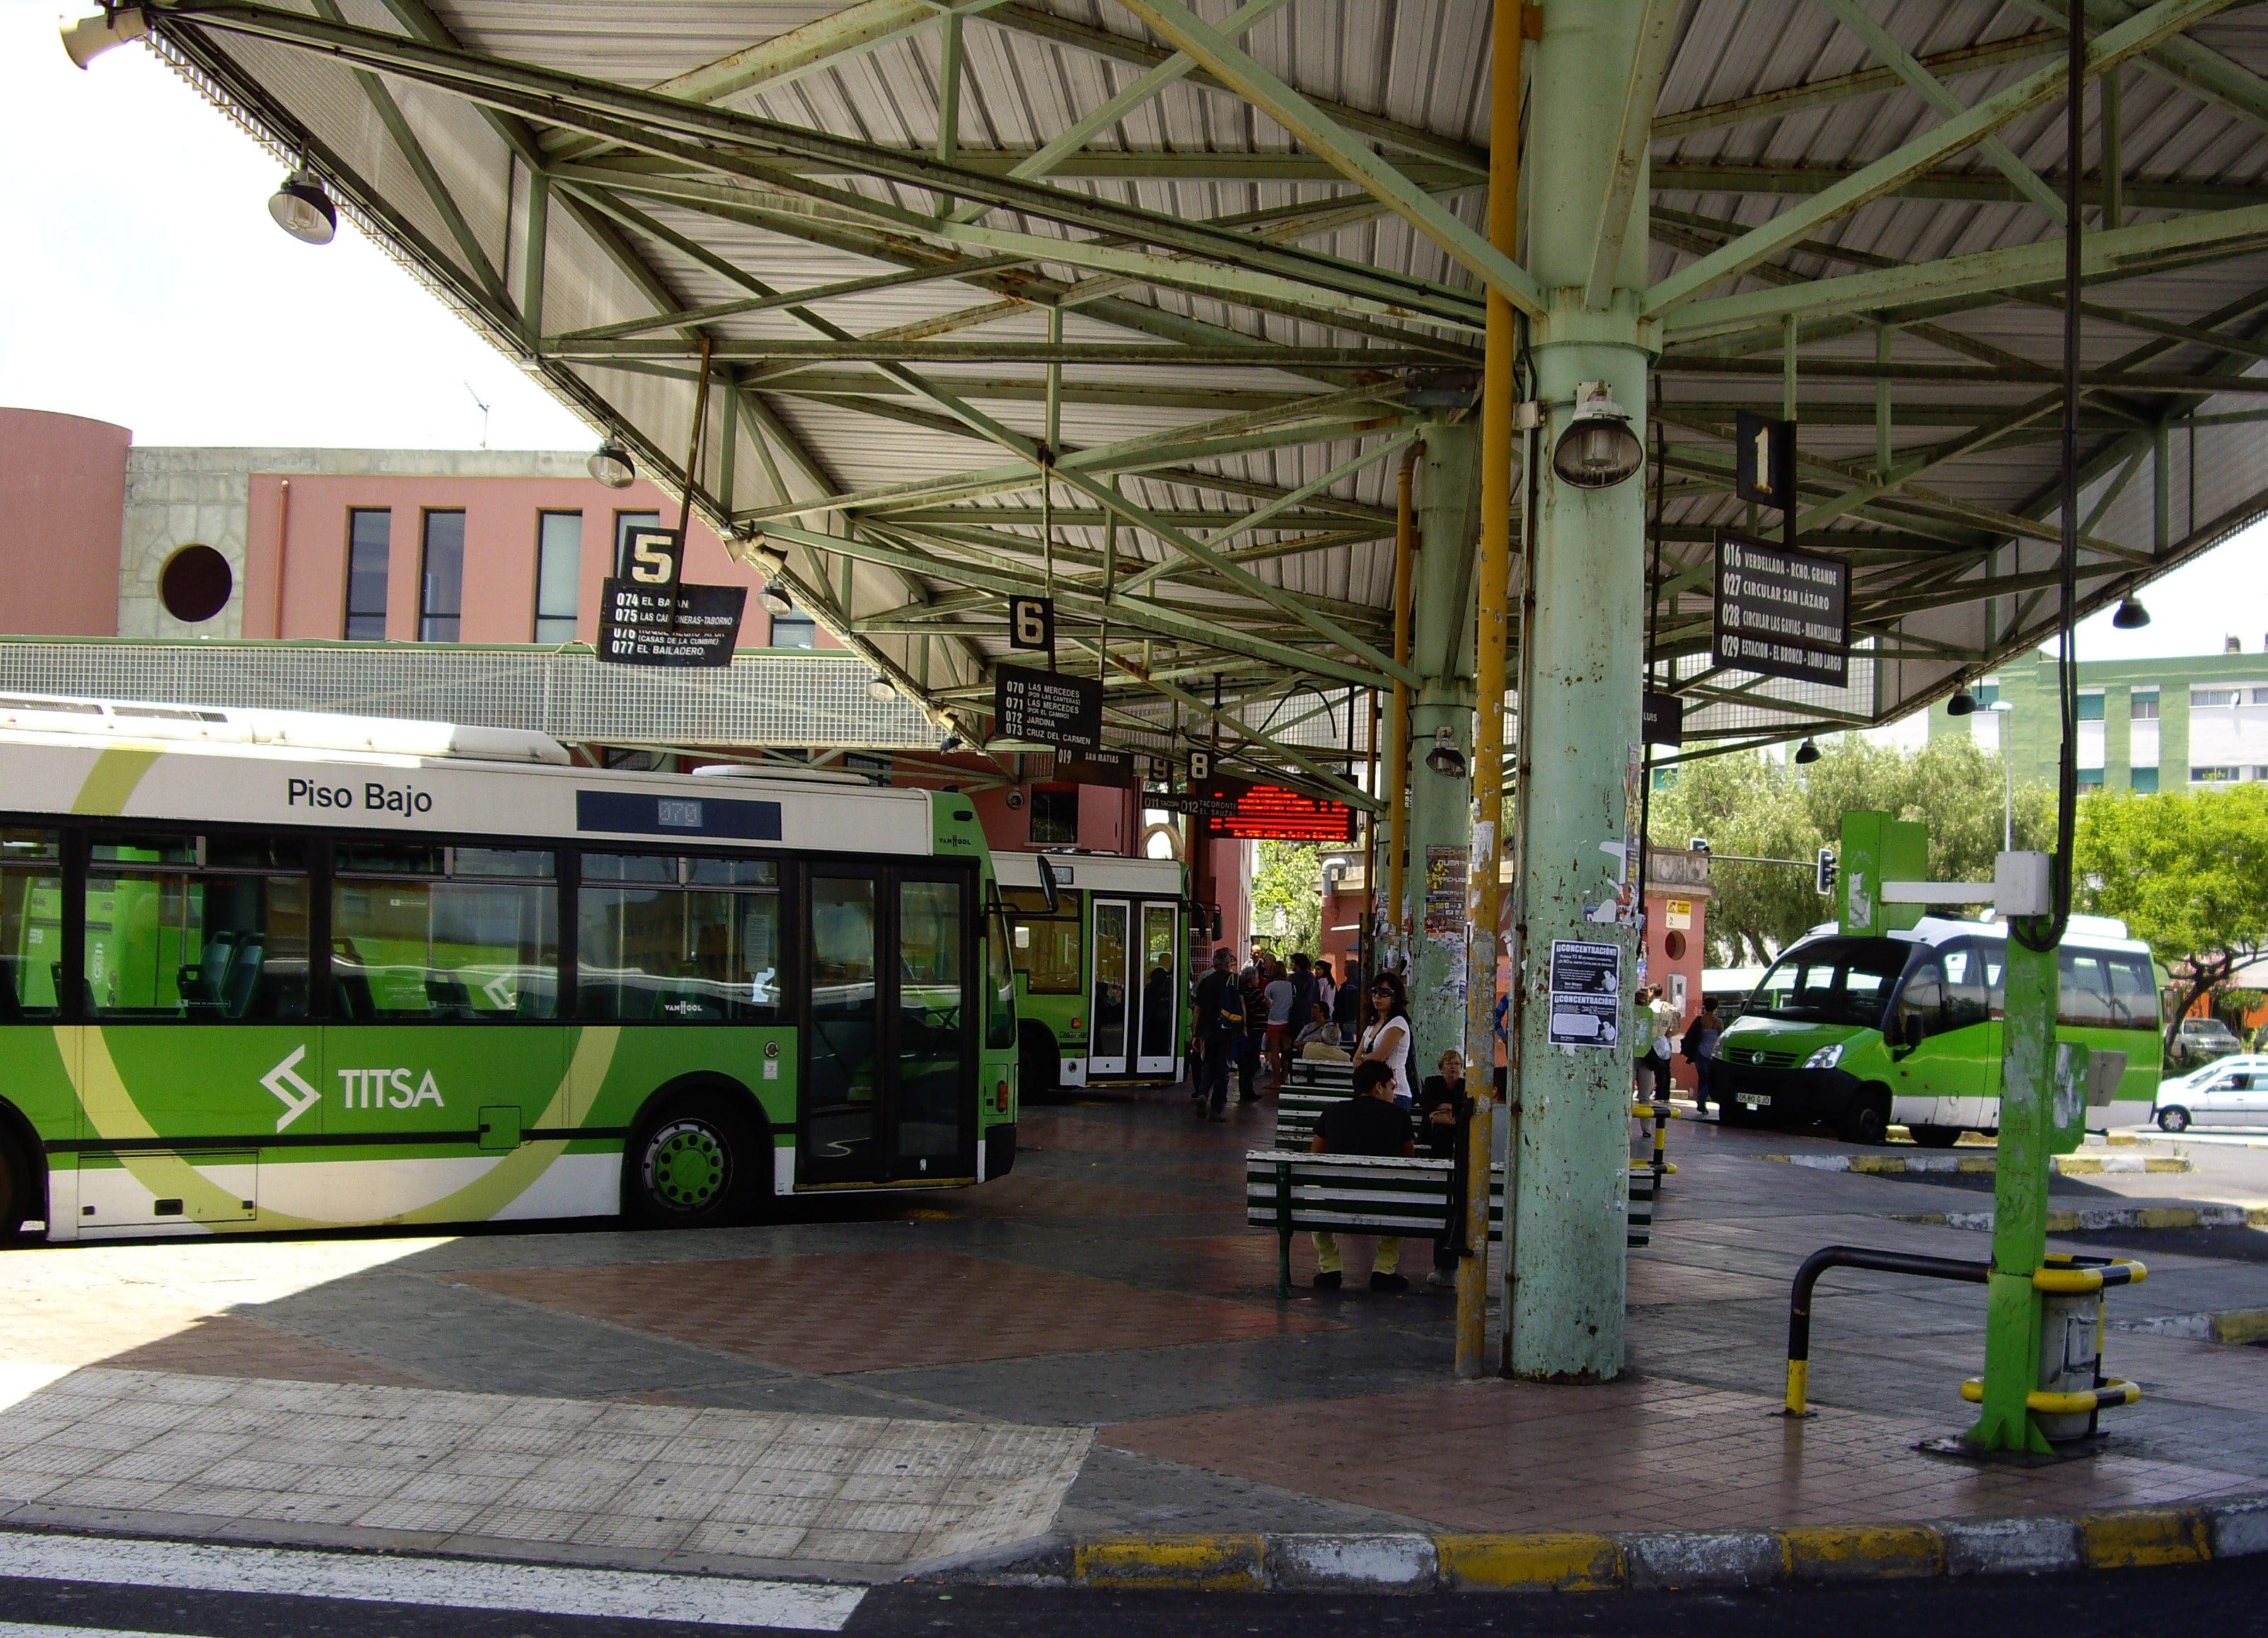 Transporte público, Tenerife